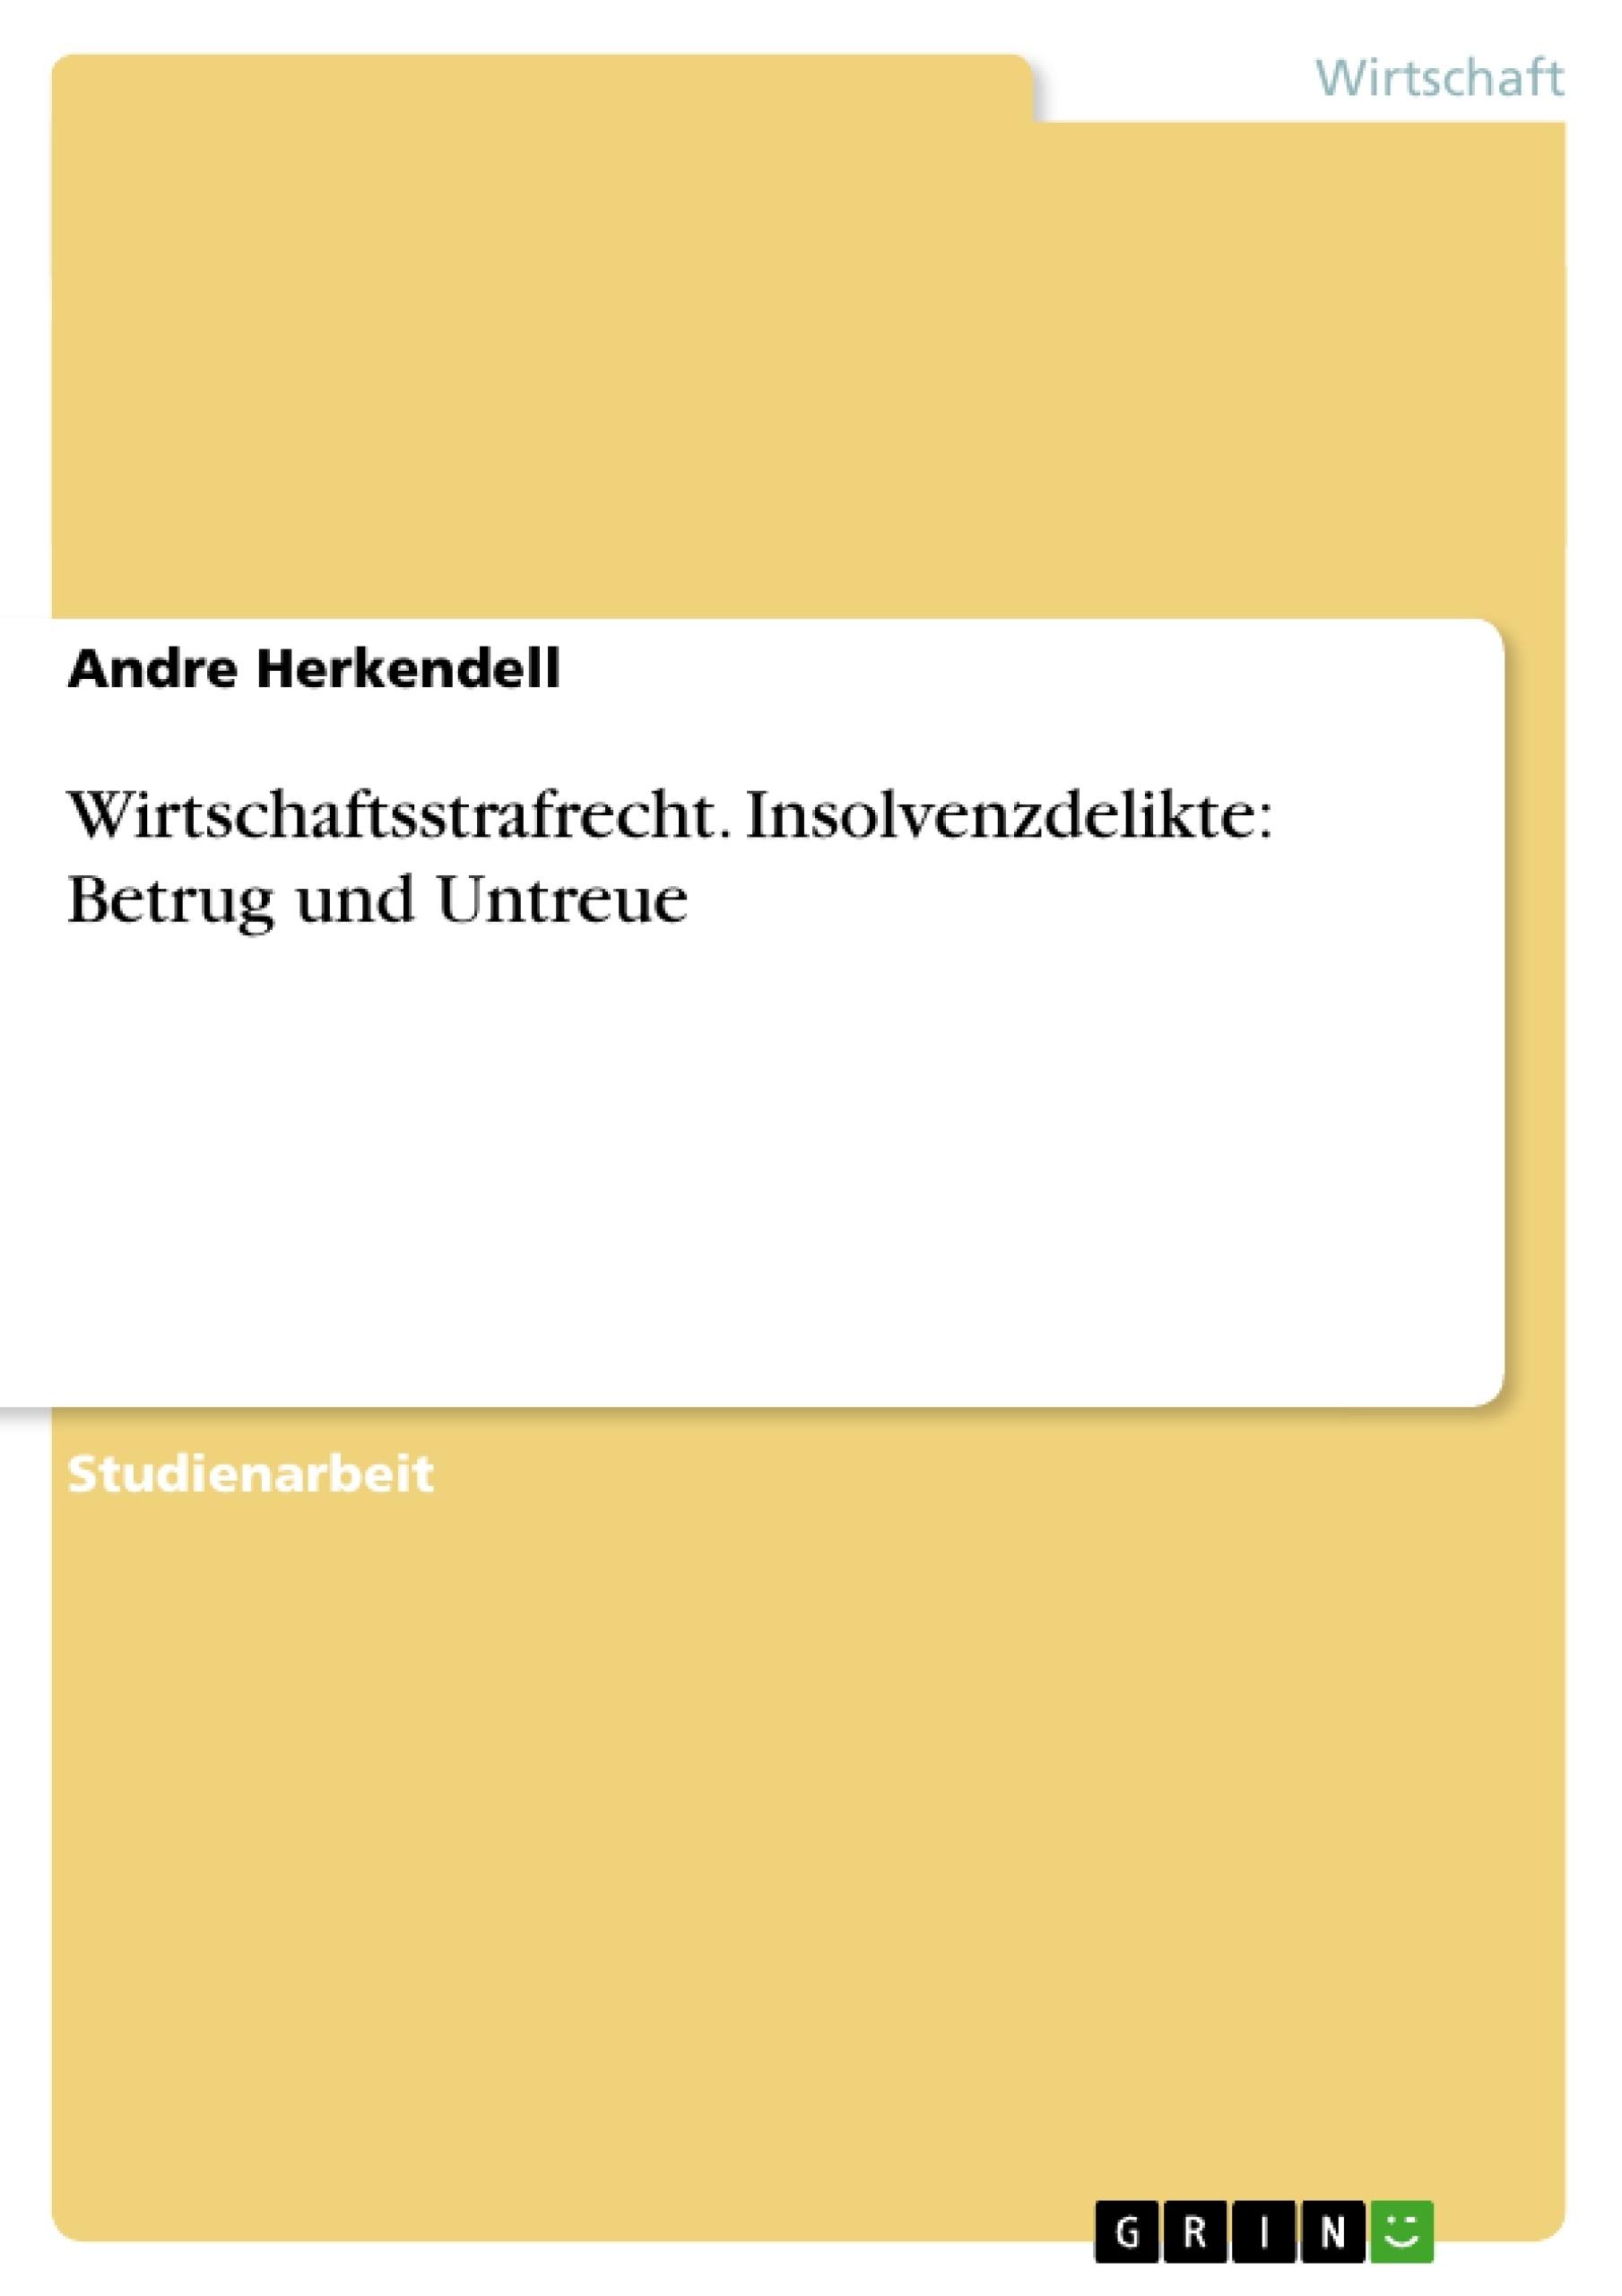 Titel: Wirtschaftsstrafrecht. Insolvenzdelikte: Betrug und Untreue